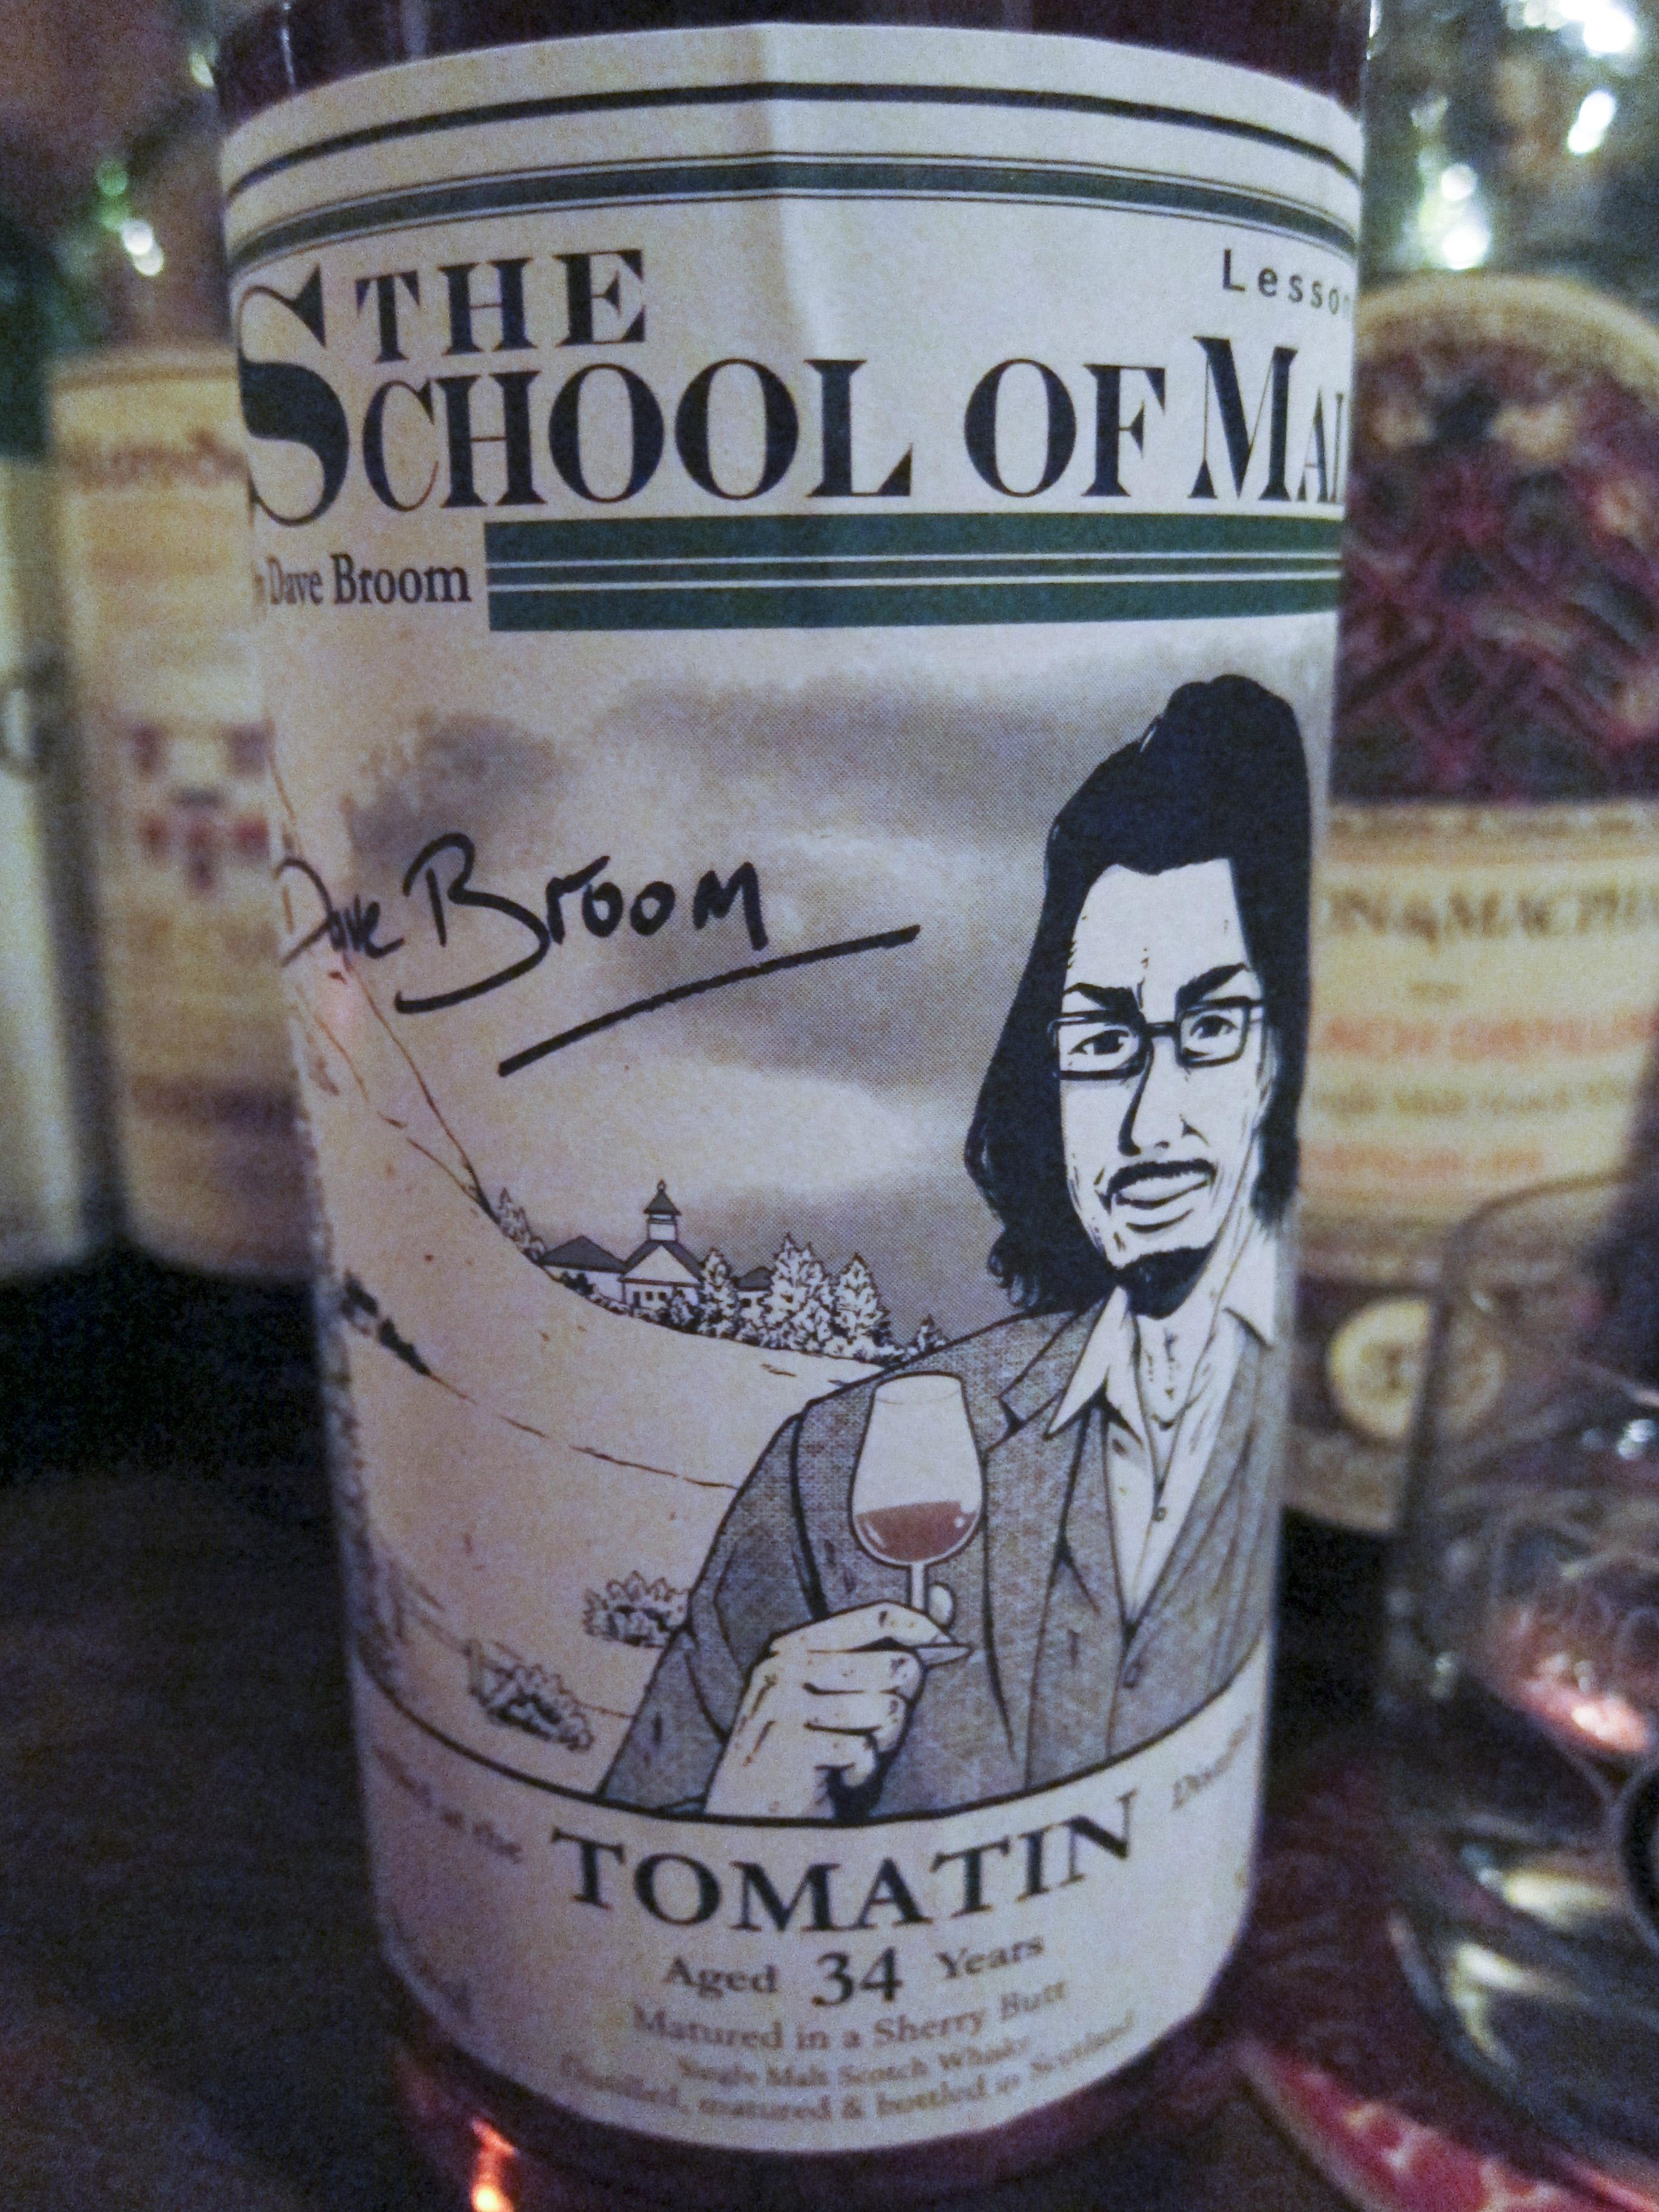 トマーチン Tomatin 34yo 1976/2011 (51.3%, whisk-e, The School Of Malt, lesson 1, Dave Broom)